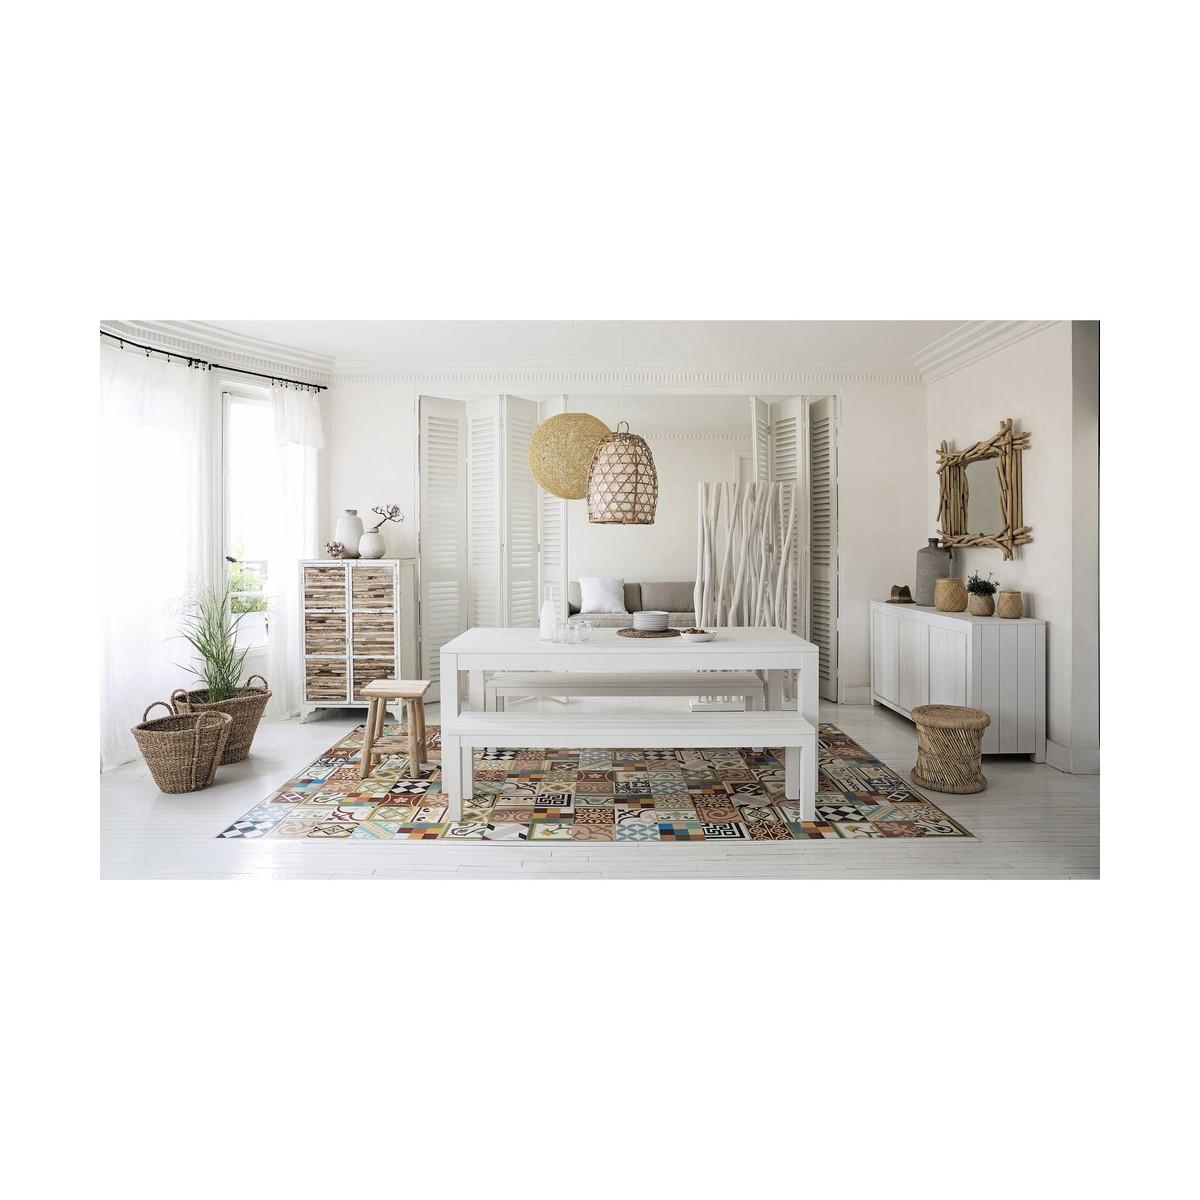 Table de salle manger en bois massif blanche l 160 cm for Salle a manger en bois massif